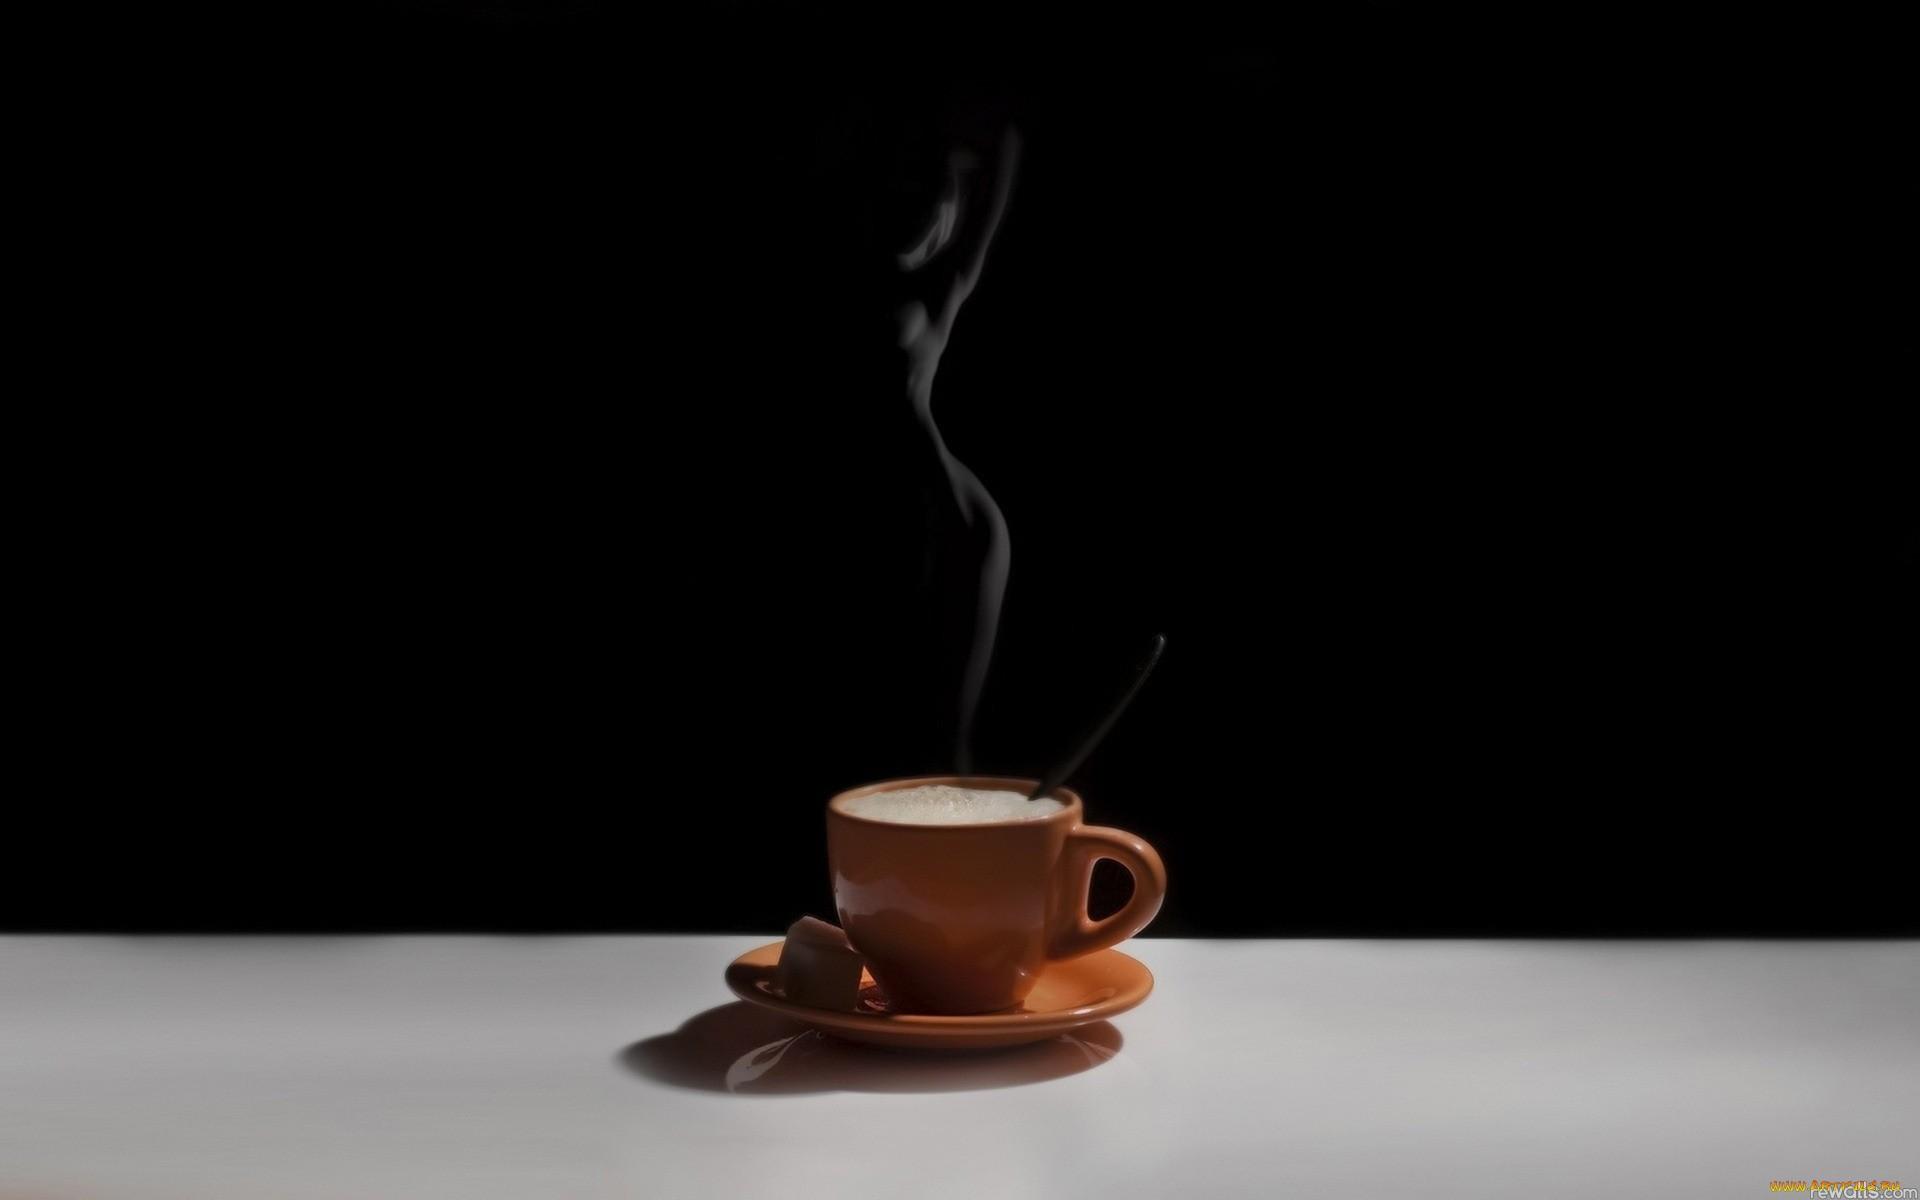 Чашка кофе с бабочкой загрузить